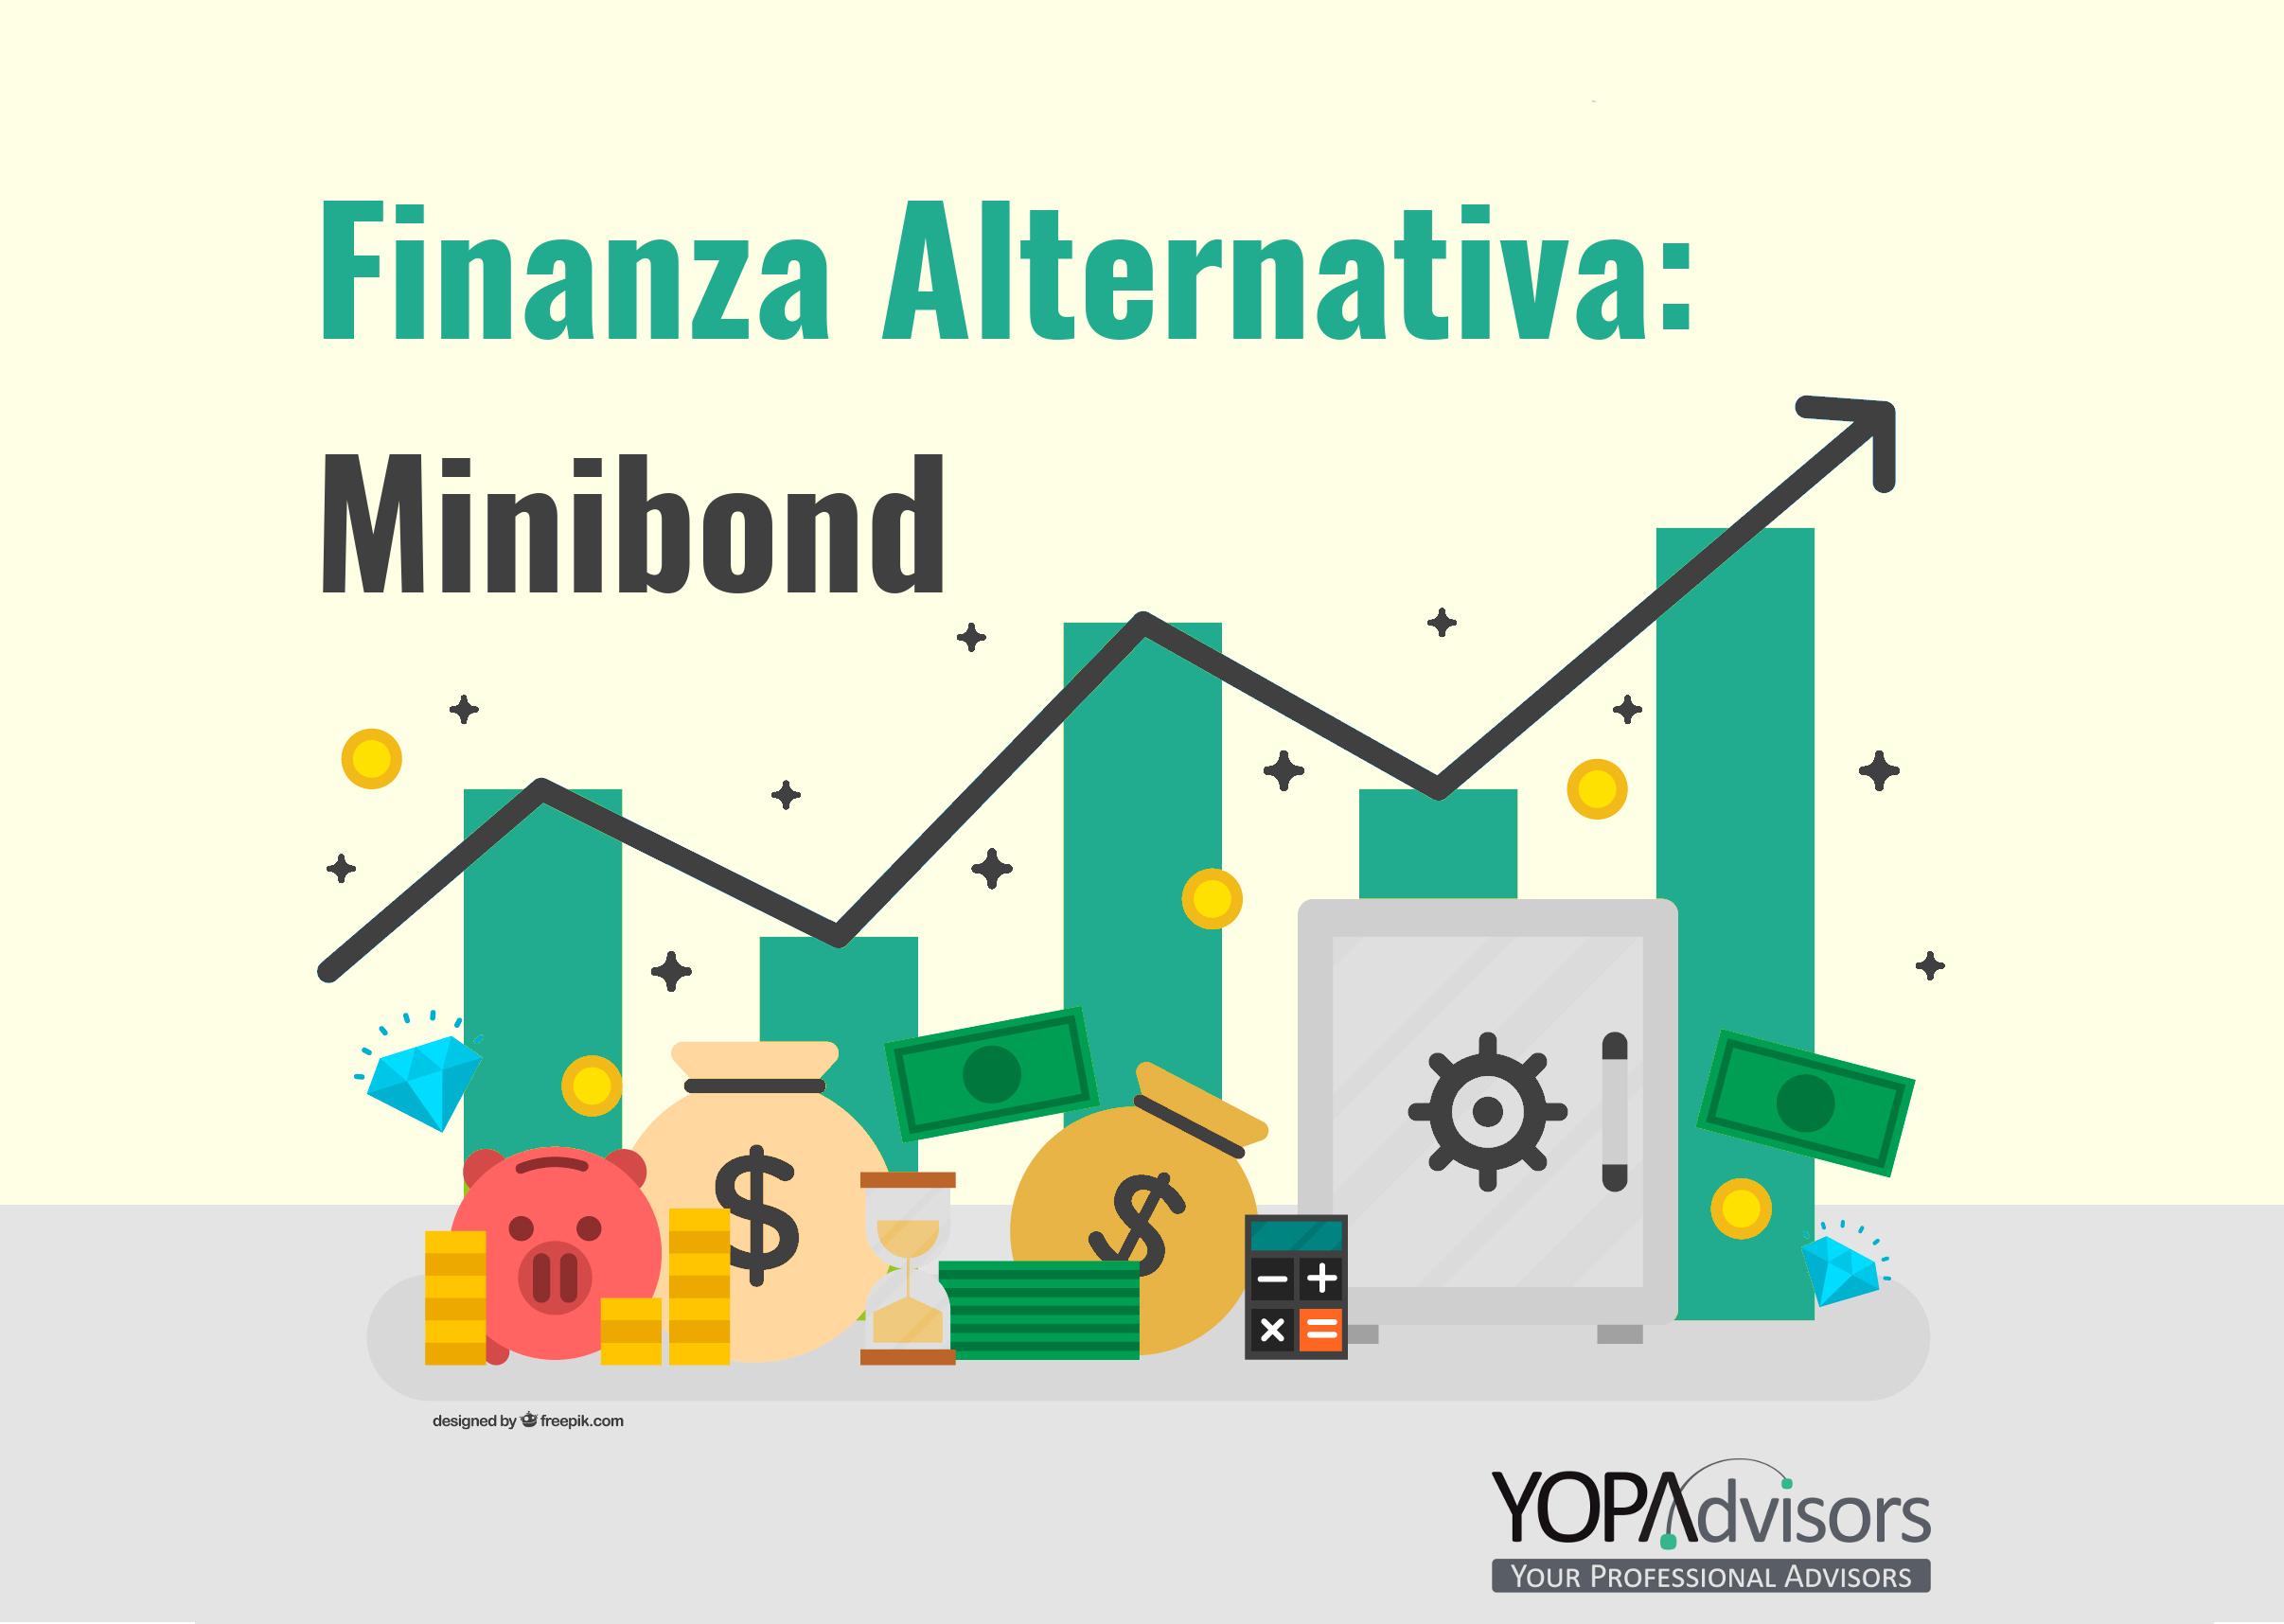 Rimaniamo sempre in tema di finanza alternativa: i minibond